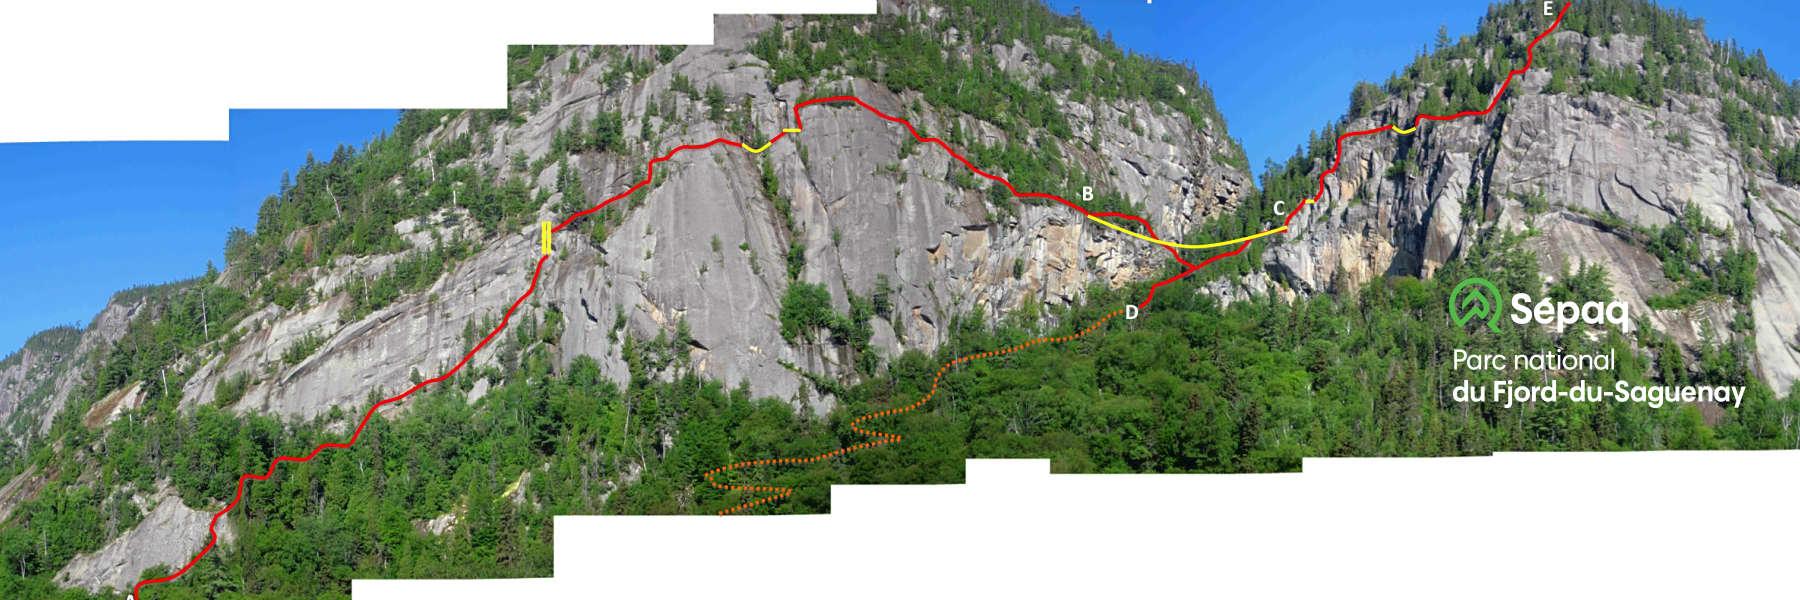 Plan du parcours de via ferrata Parc national du Fjord-du-Saguenay